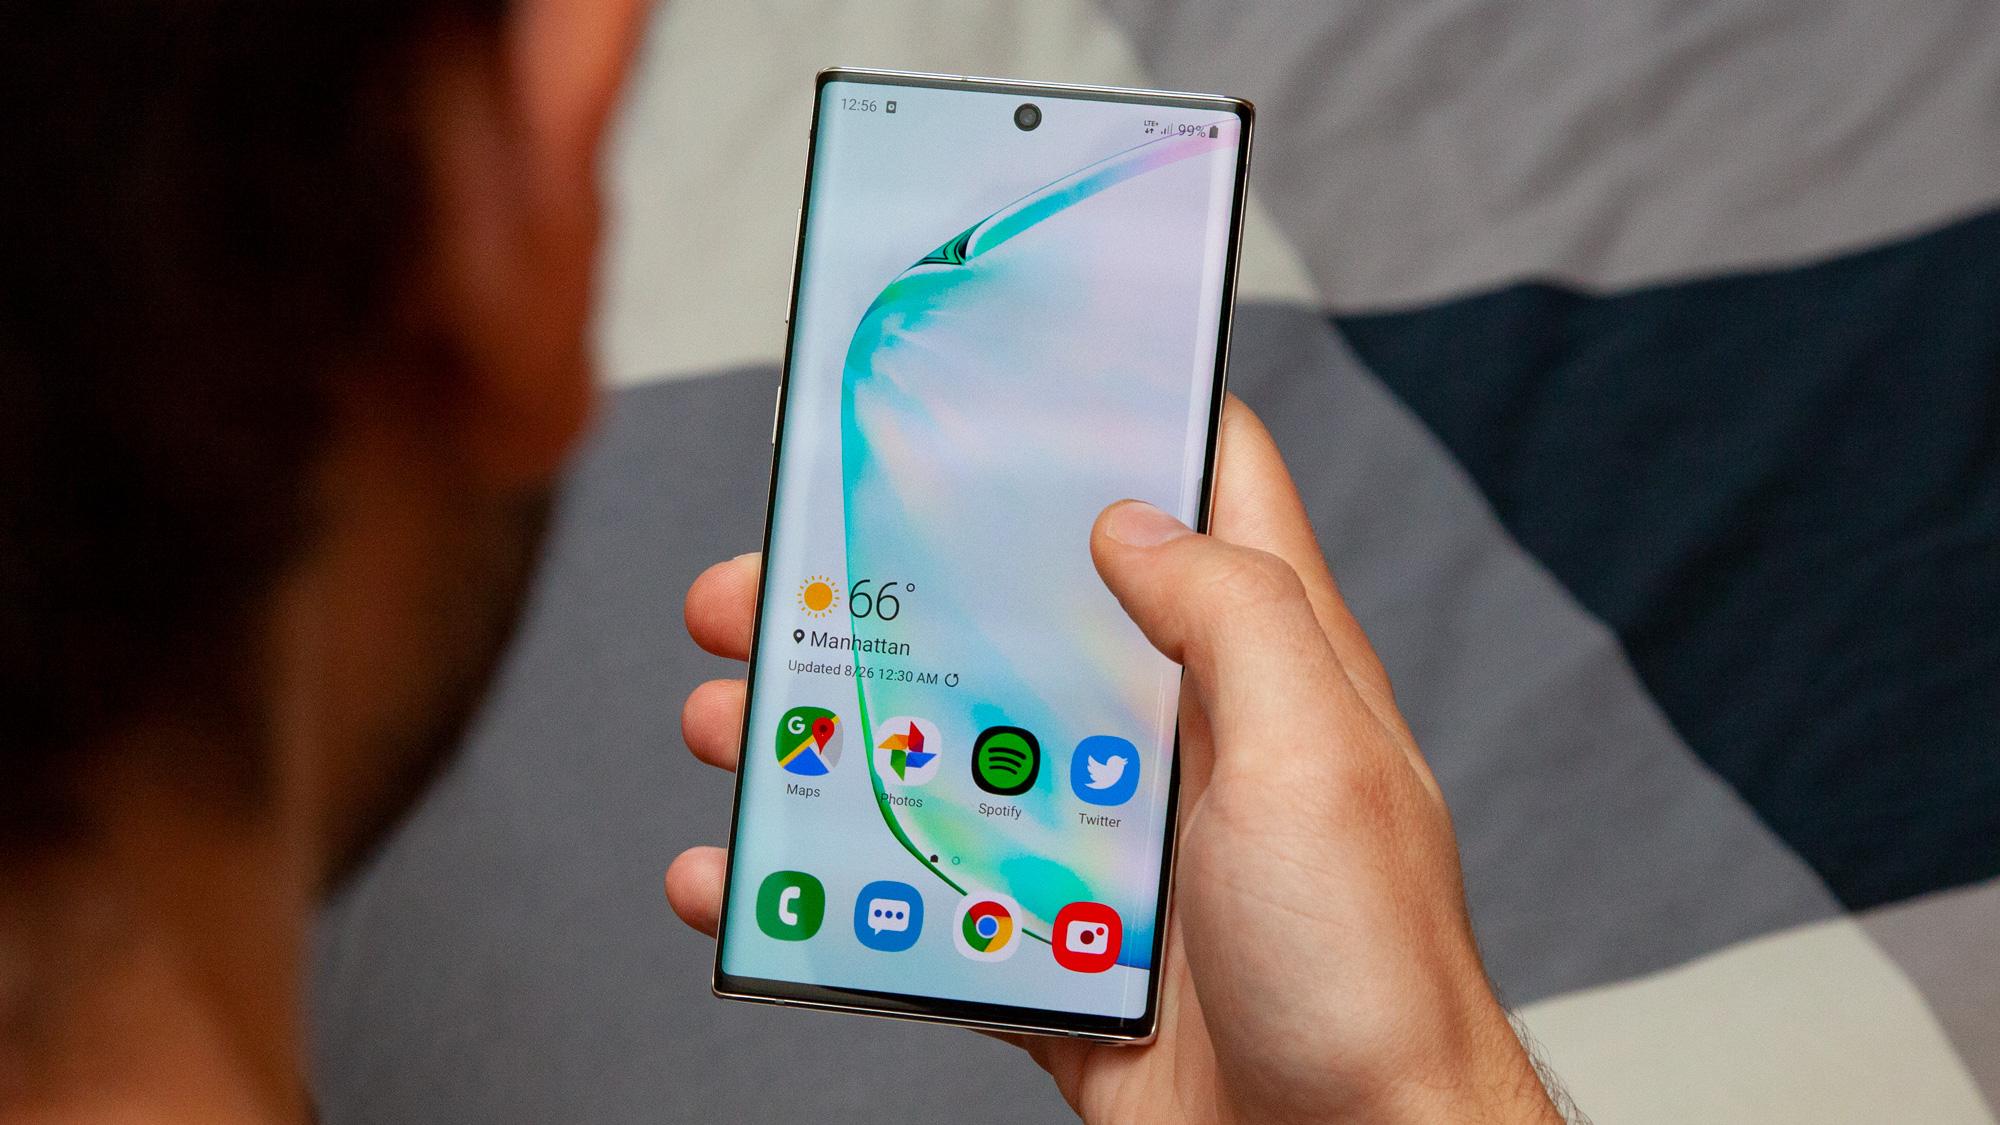 Samsung Galaxy Note 20 sở hữu 'vũ khí bí mật' gì để đánh bại iPhone 12 của Apple? - Ảnh 2.